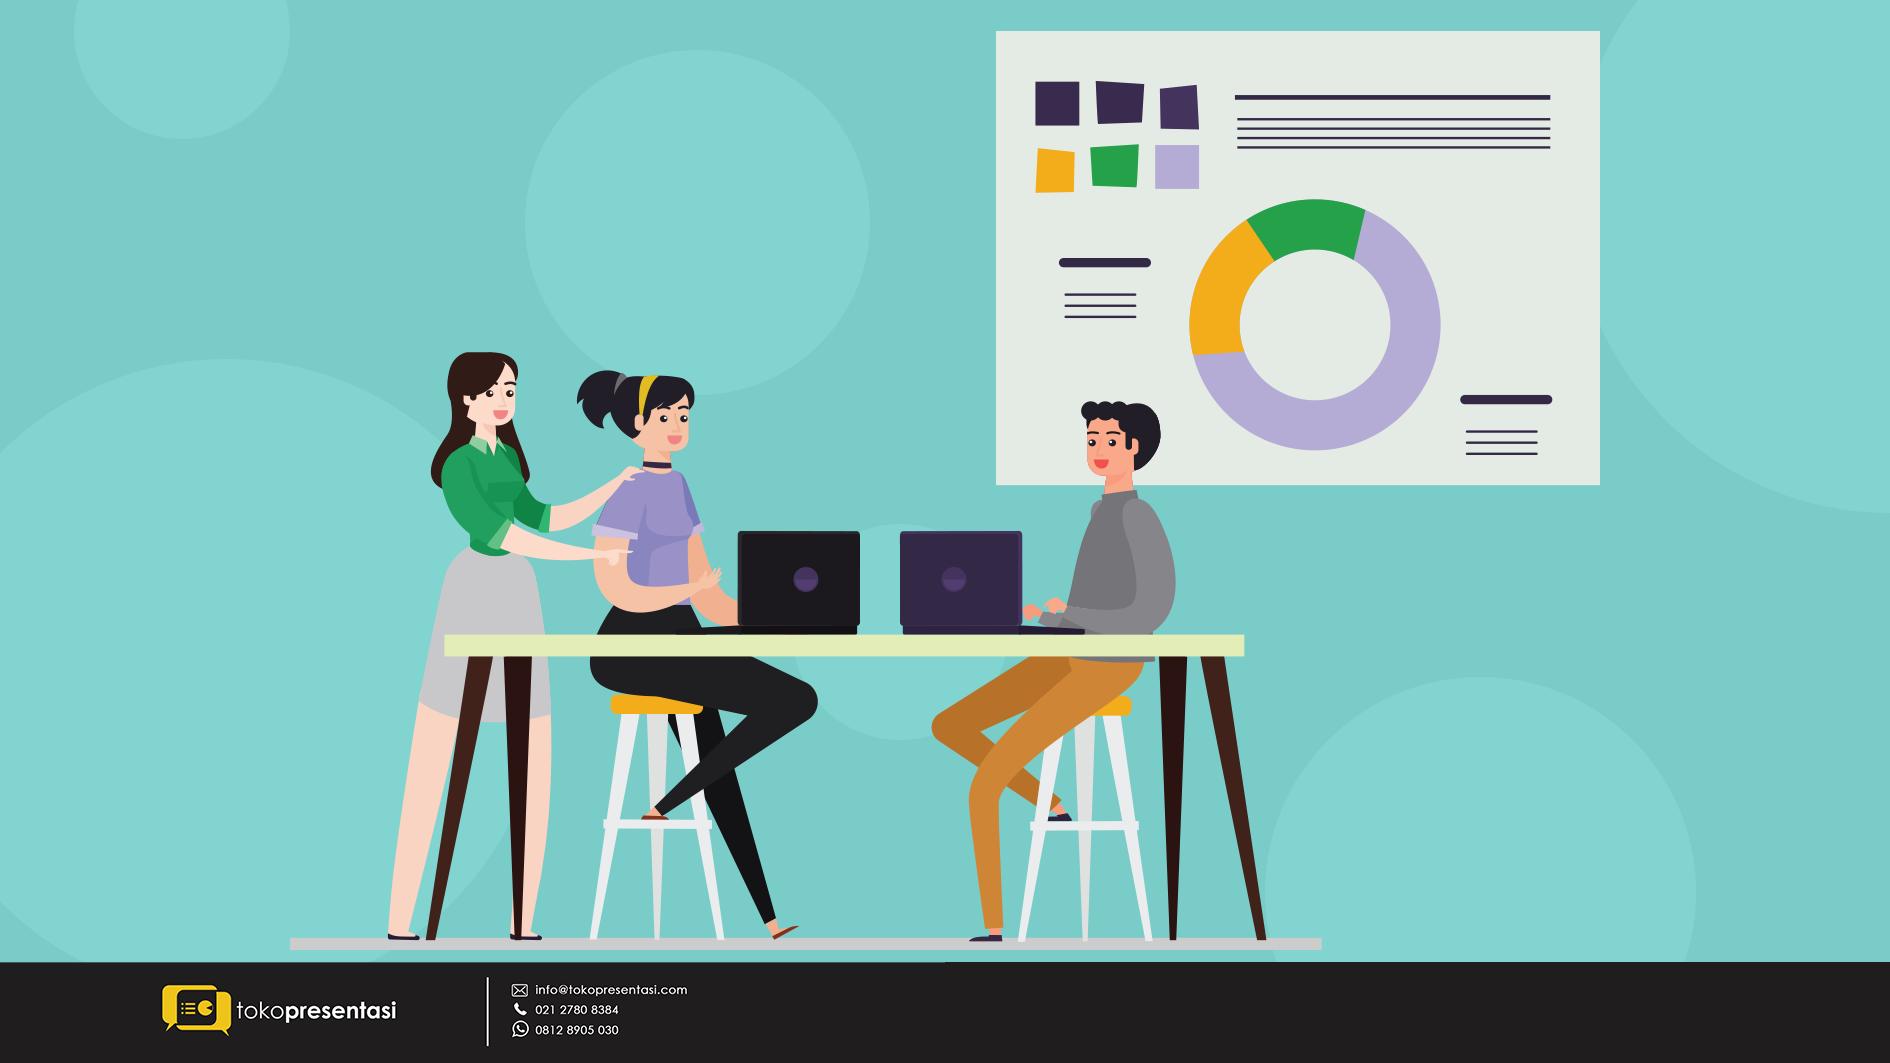 Ini 6 Keuntungan Menggunakan Jasa Pembuatan Infografis Bagi Perusahaan - Tokopresentasi.com